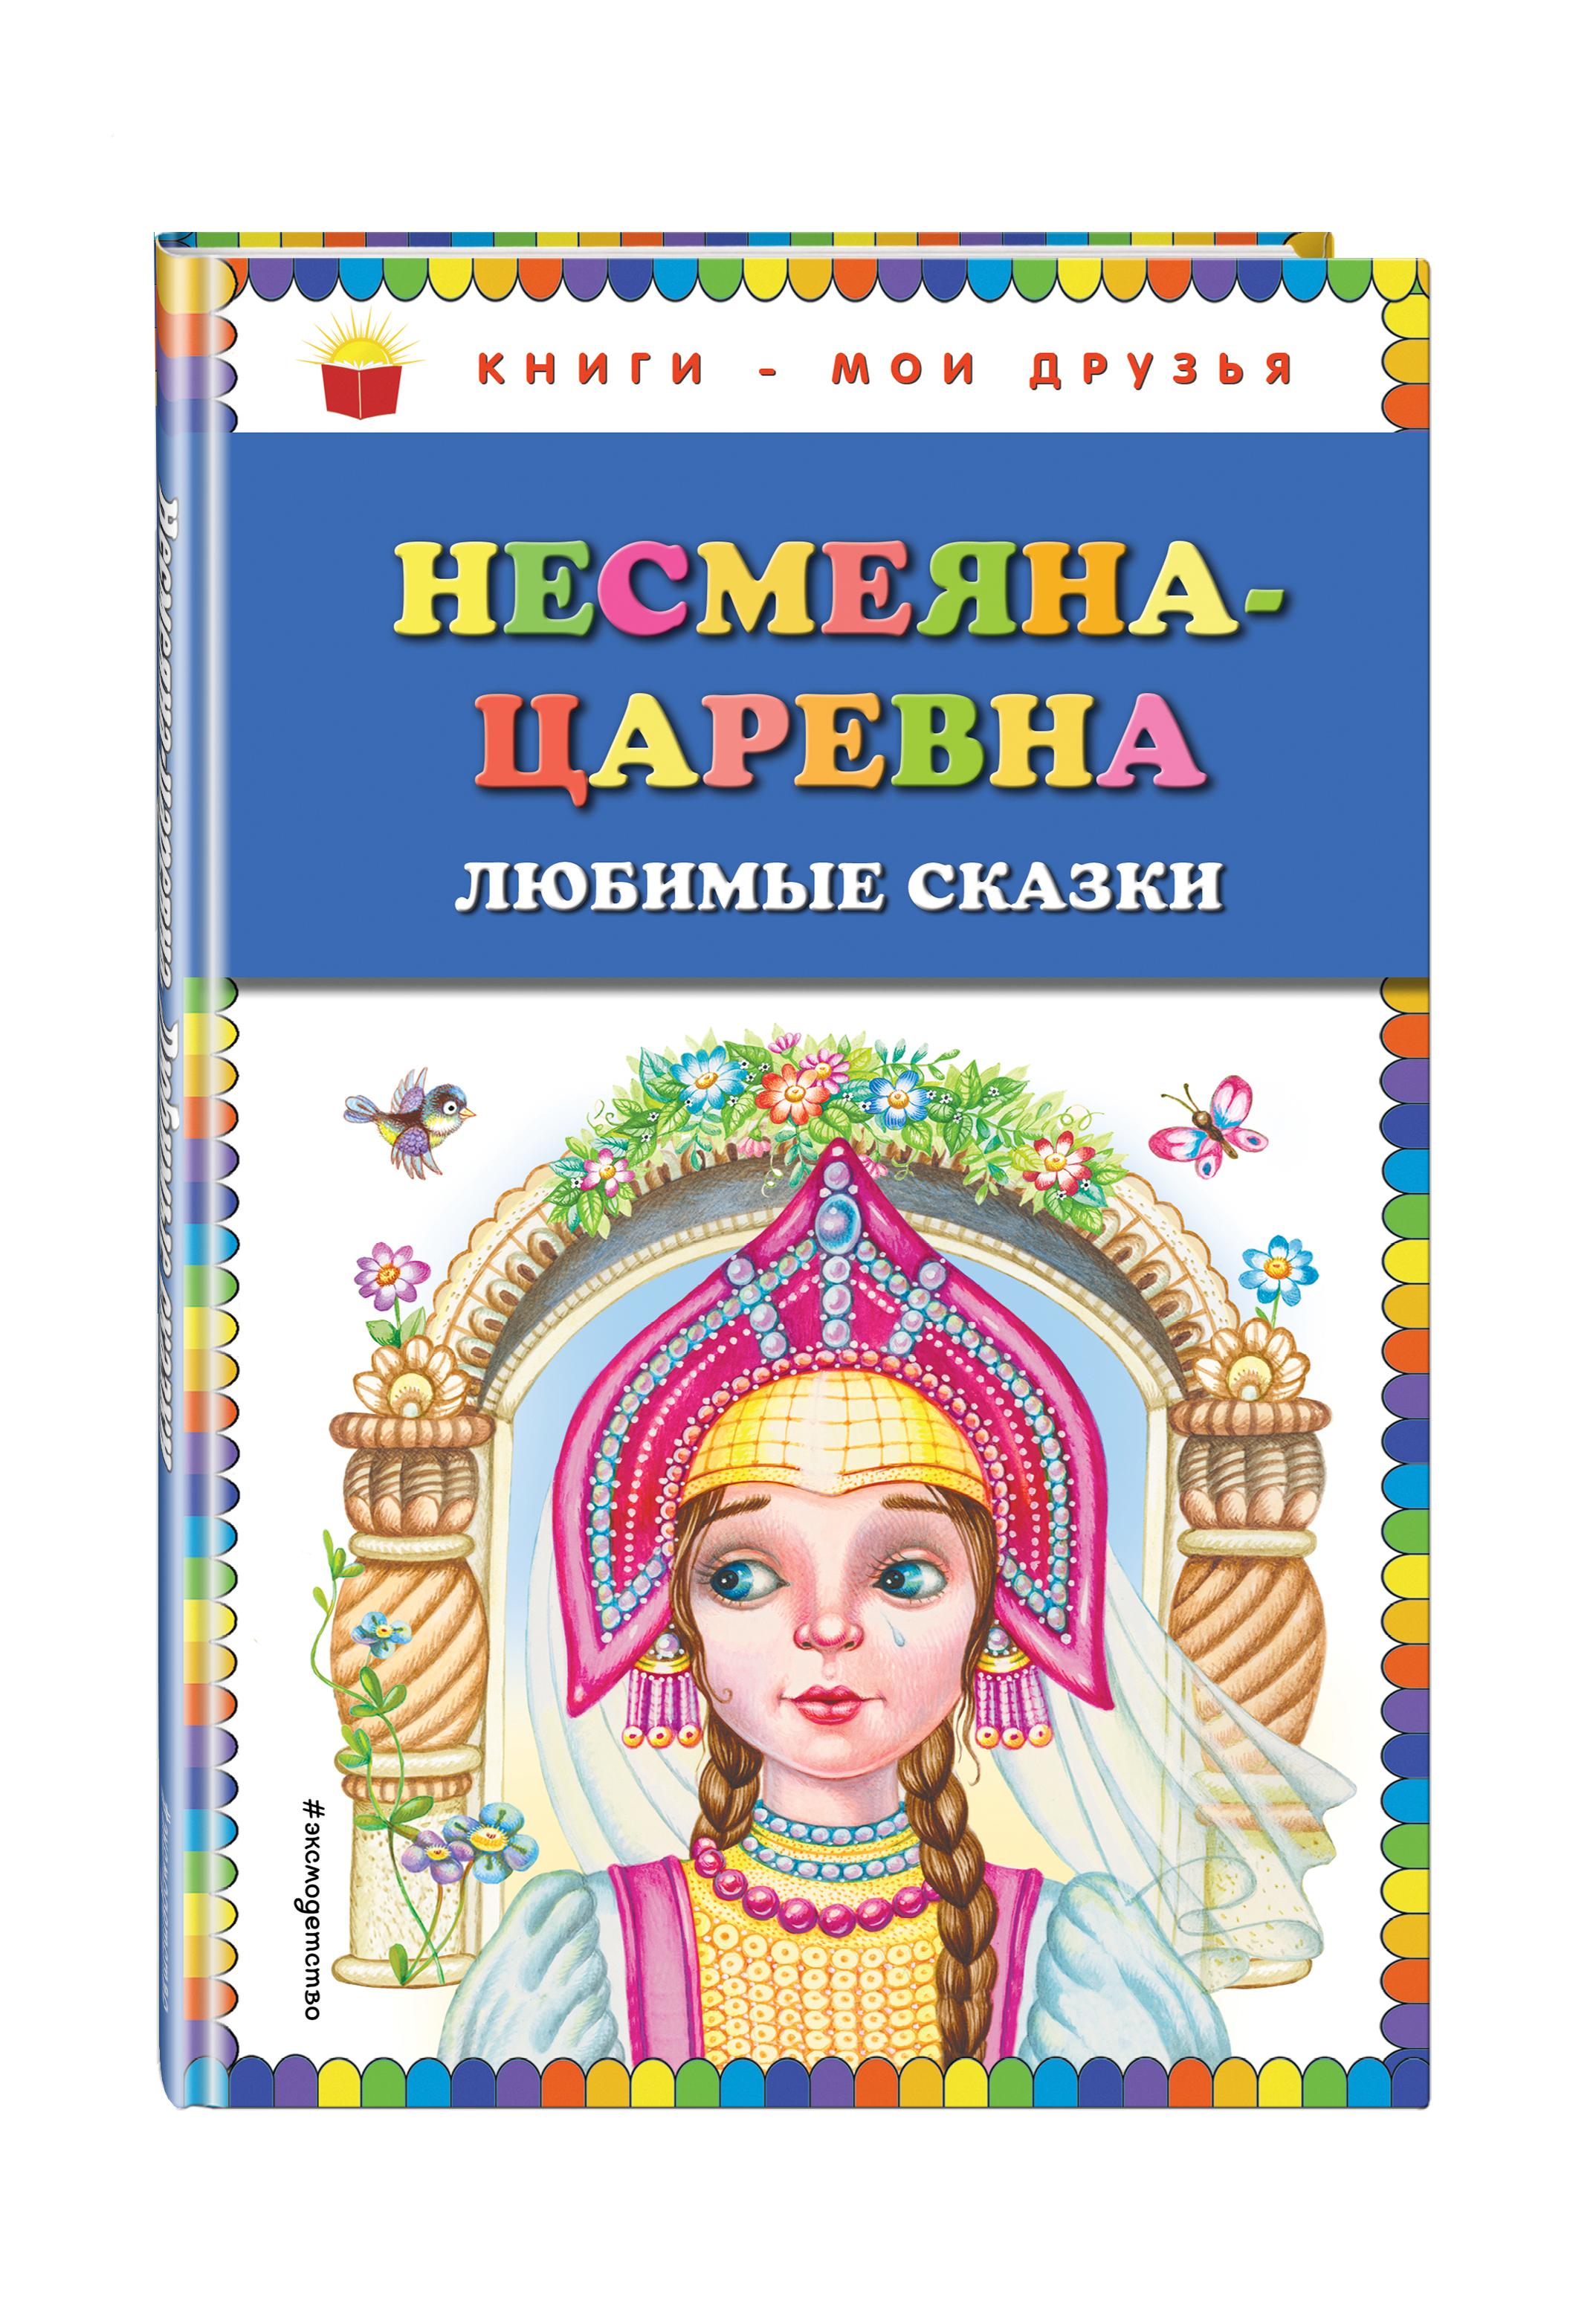 Несмеяна-царевна. Любимые сказки (ил. М. Литвиновой) никита шевцев царство ледяного покоя частьi